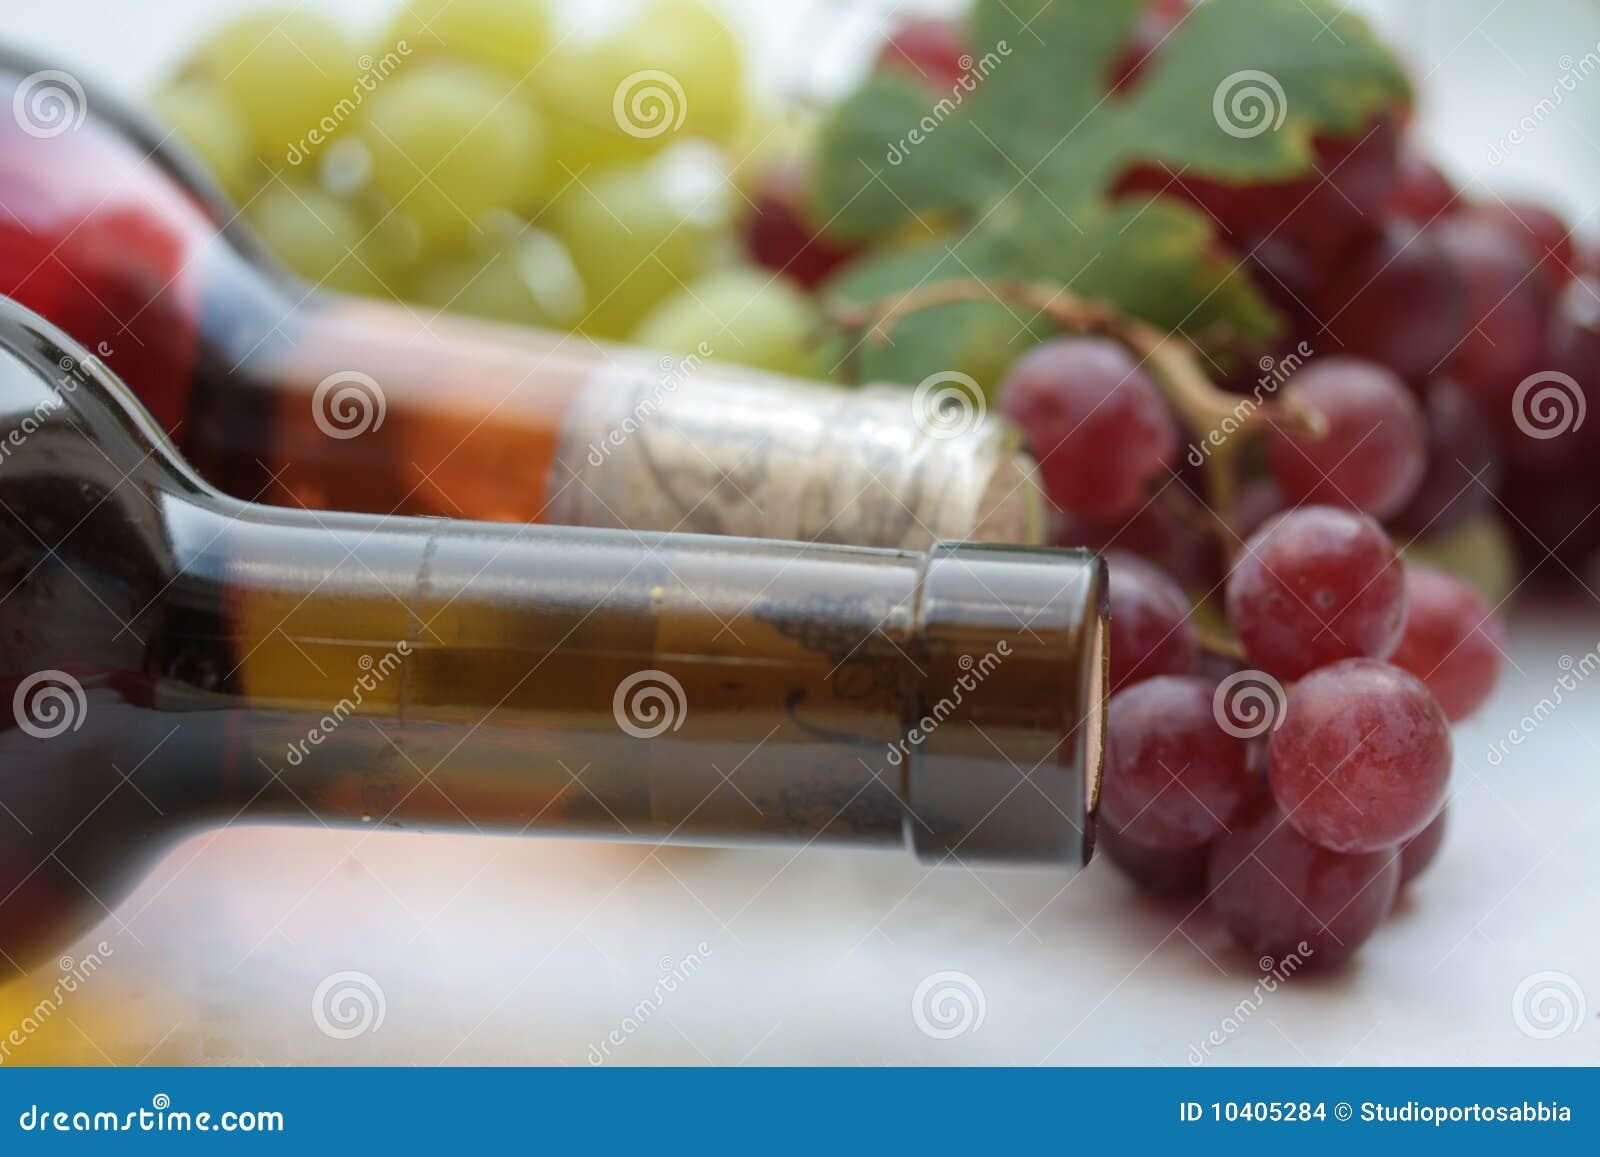 Botellas Y Uvas De Vino Imagenes De Archivo